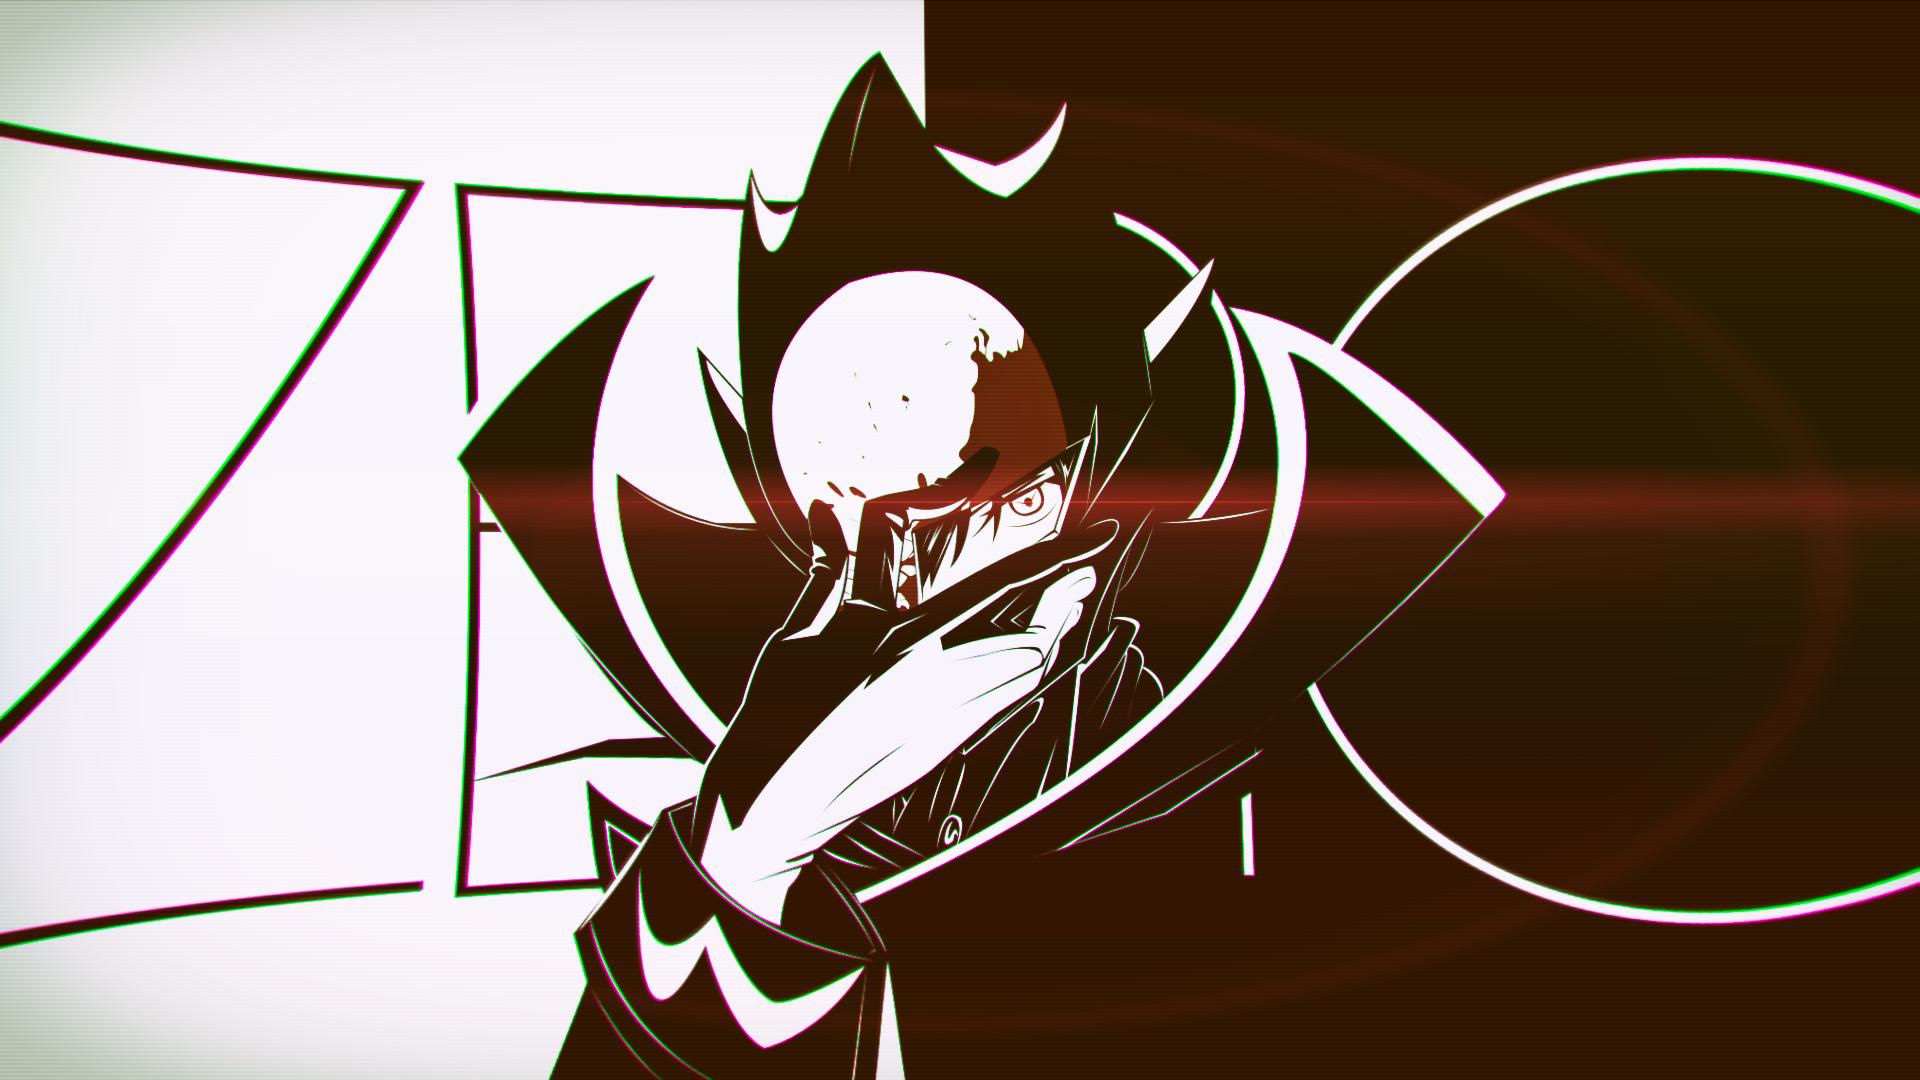 Lelouch/Zero V2 by PlushGiant